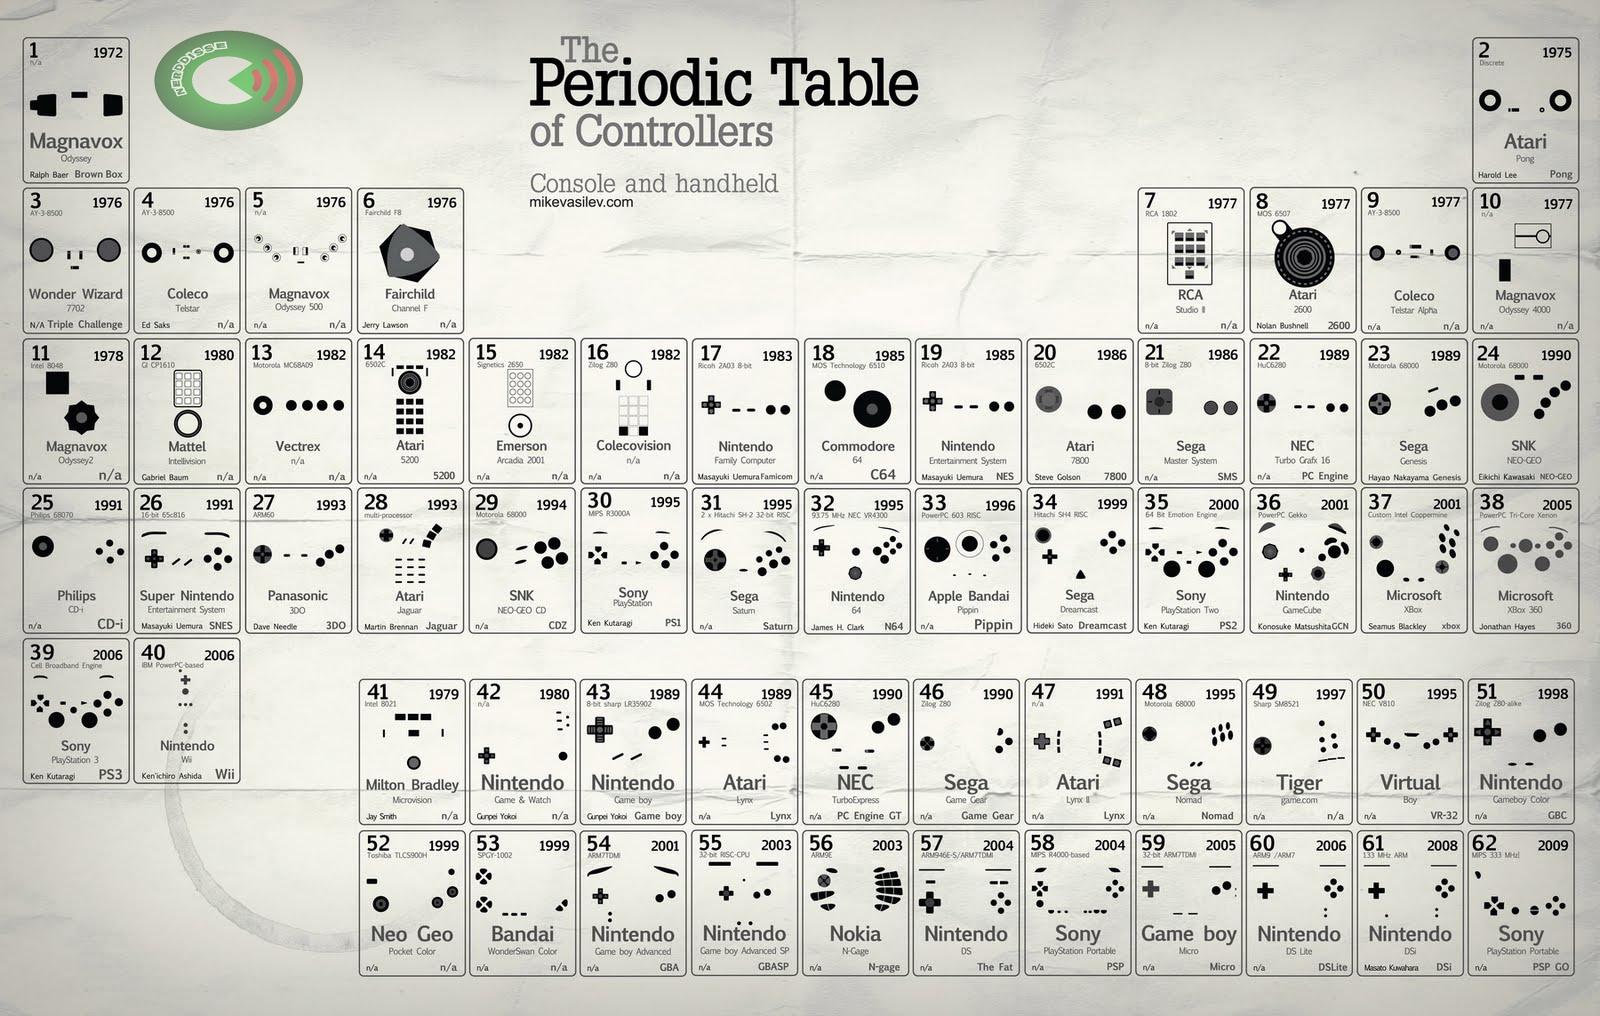 Tabela_peridódica_do_videogame_SOS_SOLTEIROS